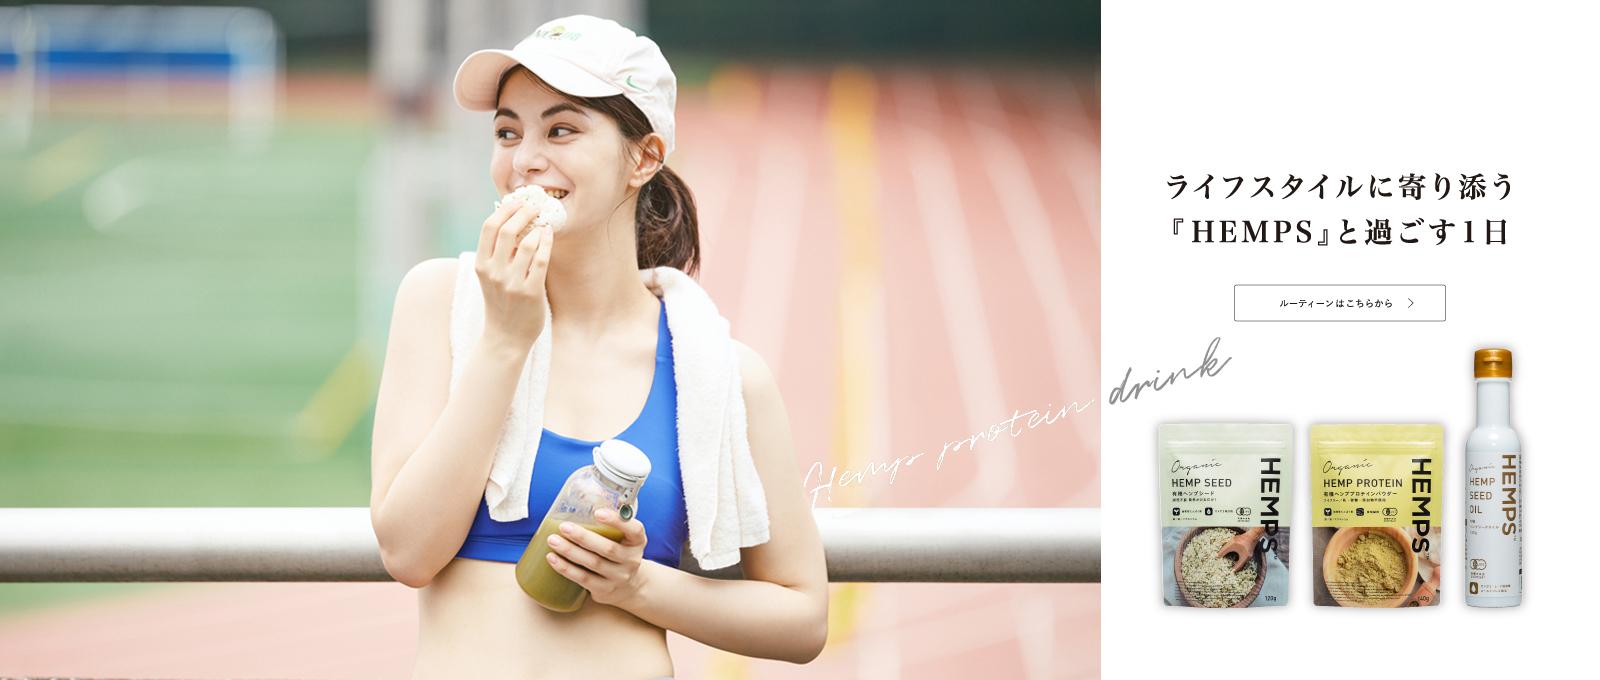 毎月8日はSpecialDay!ヘンプフーズオンラインサイトのお買い物で使える800円クーポン進呈